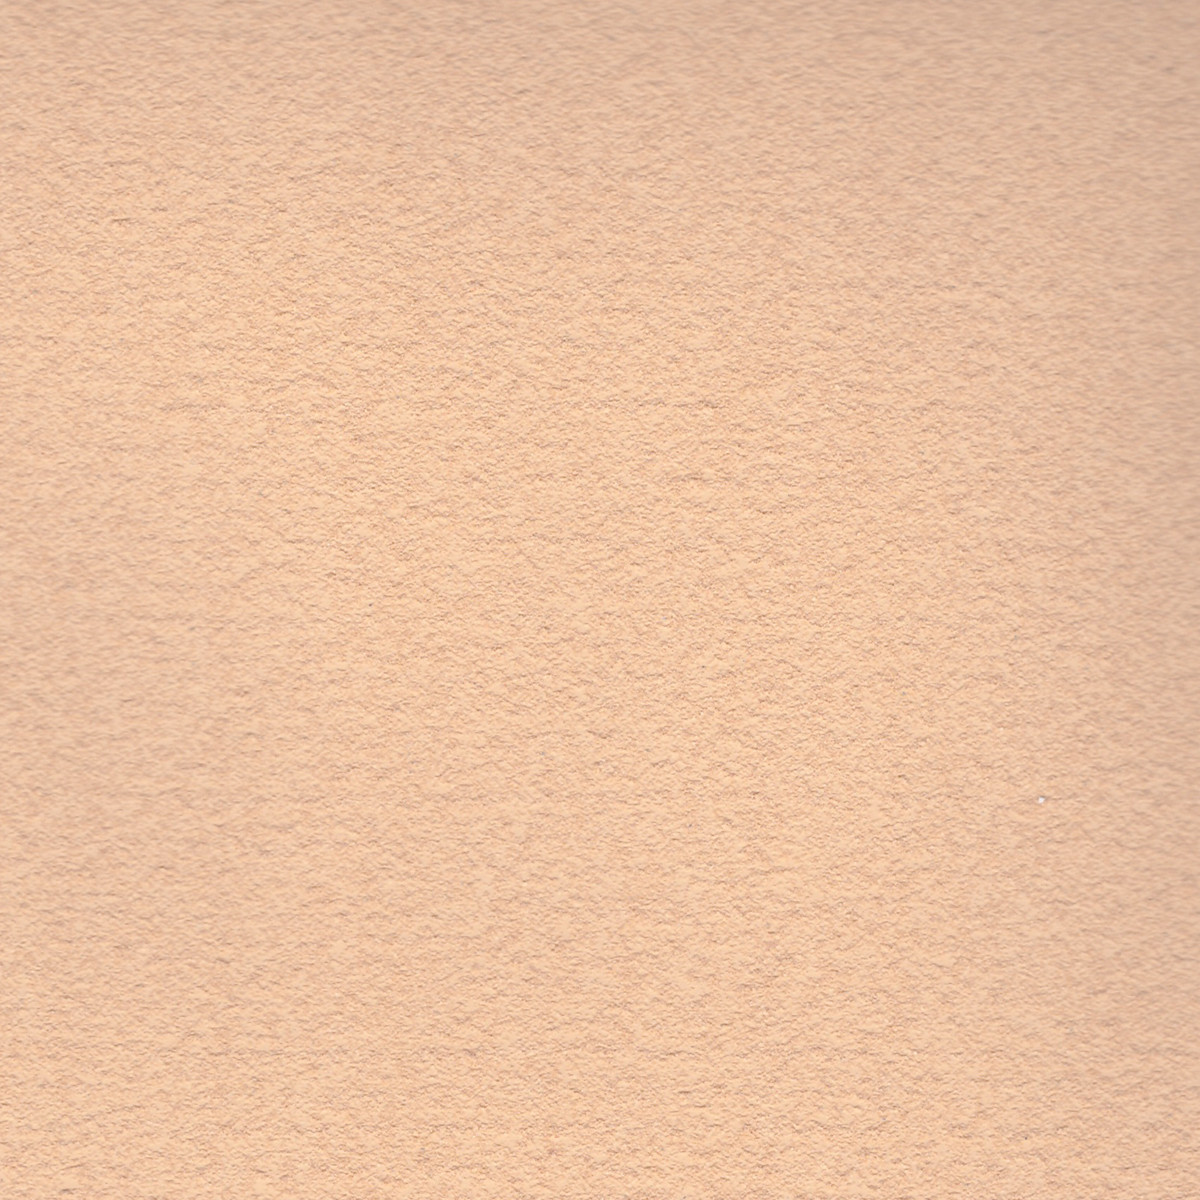 Composizione per effetto decorativo vento di sabbia sahara for Pittura vento di sabbia colori